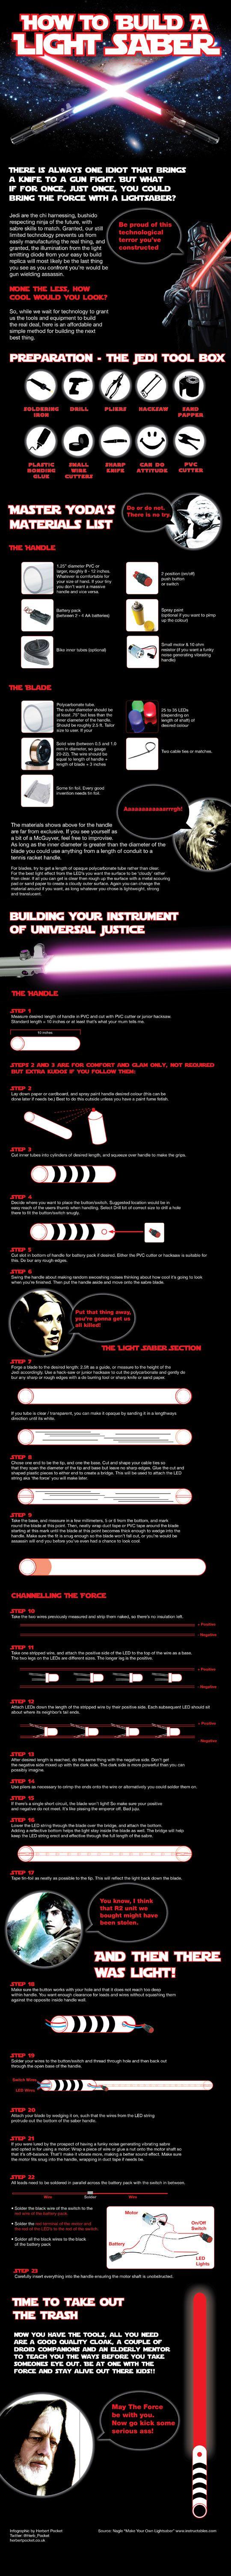 Cara-Cara Membuat Light Saber (Infographic)